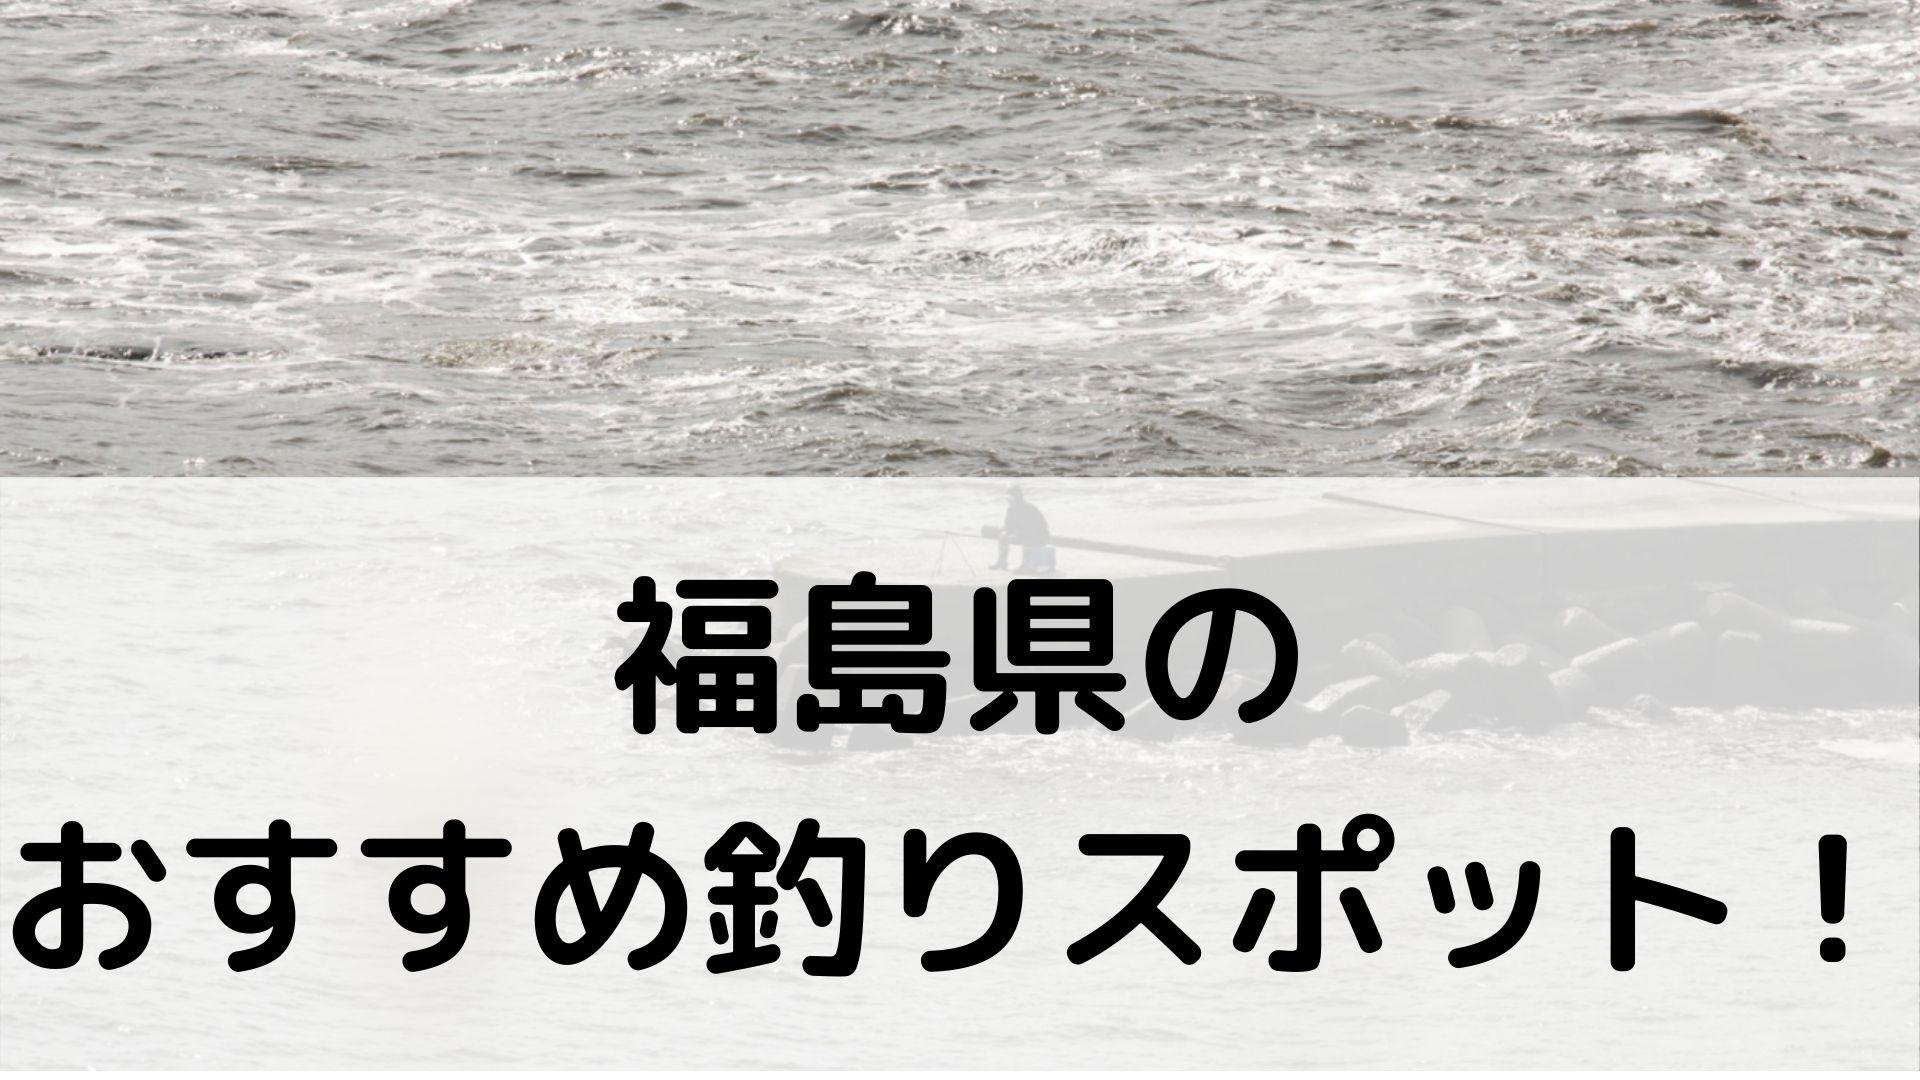 福島県のおすすめ釣りスポットに関する参考画像